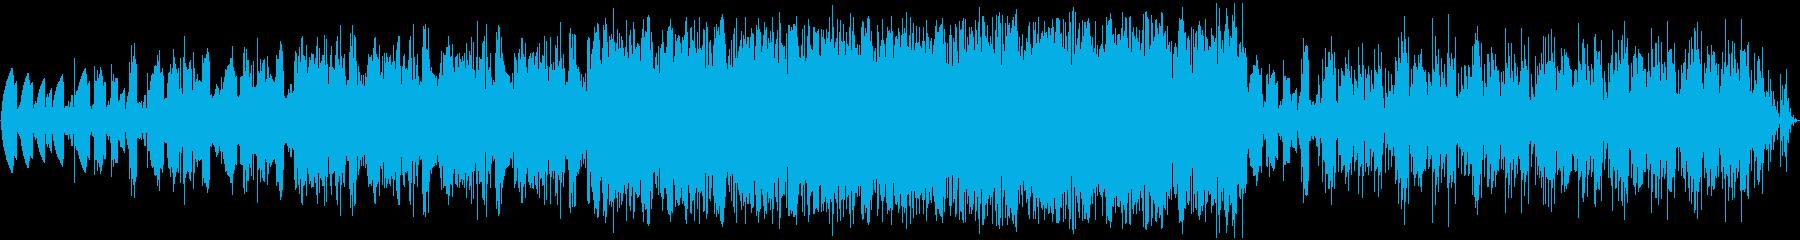 幻想的な朝の目覚めヒーリングニカの再生済みの波形